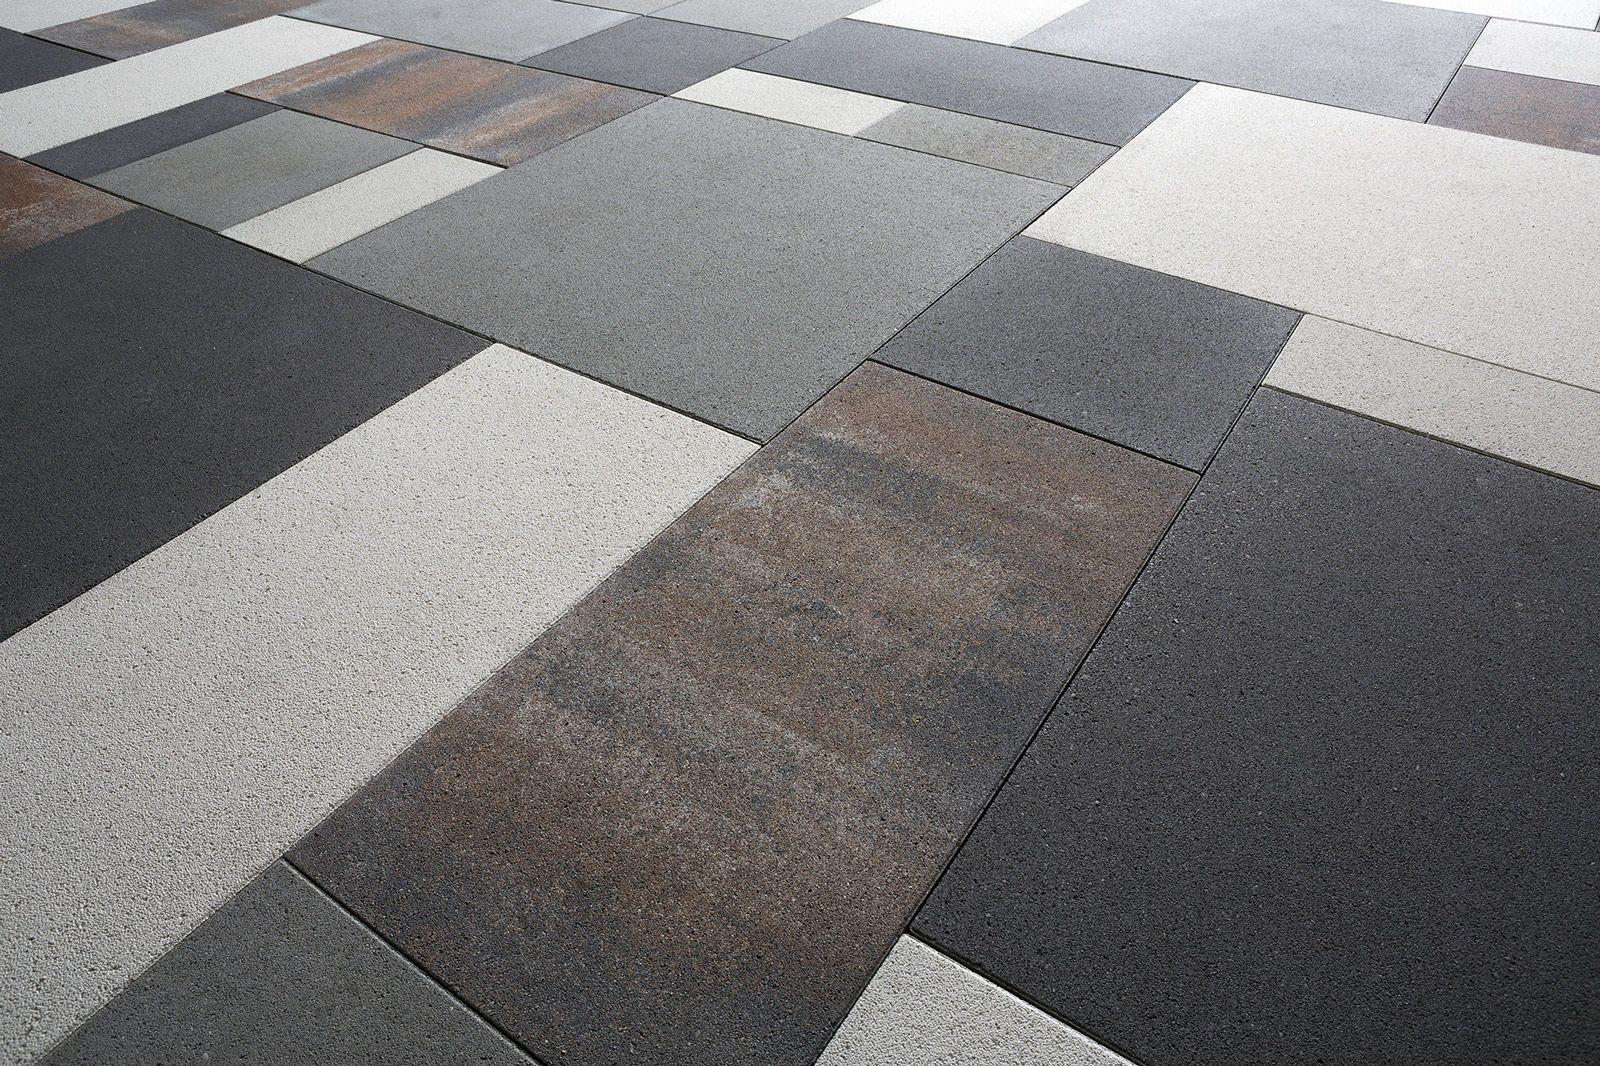 Pavimenti In Cemento Per Esterno : Pavimentazione arredo urbano pavimentazioni giardini